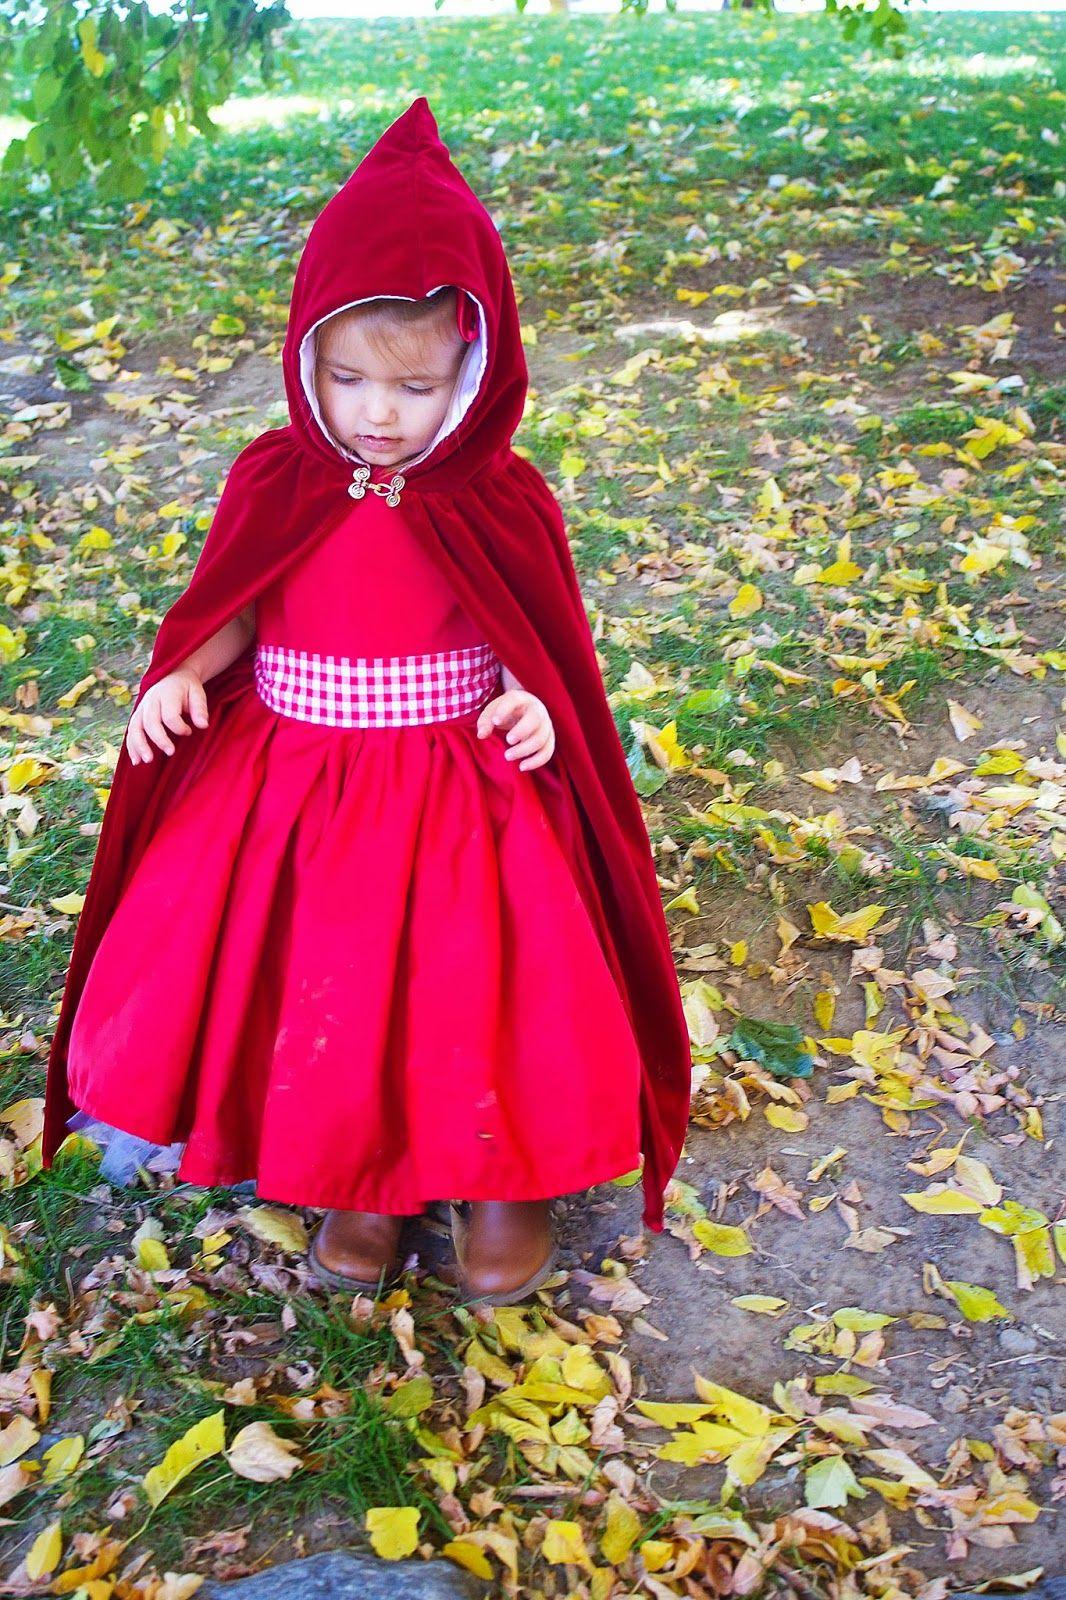 KIDS FAIRYTALE VELVET CLOAK RED RIDING HOODED CAPE boys girl fancy dress costume